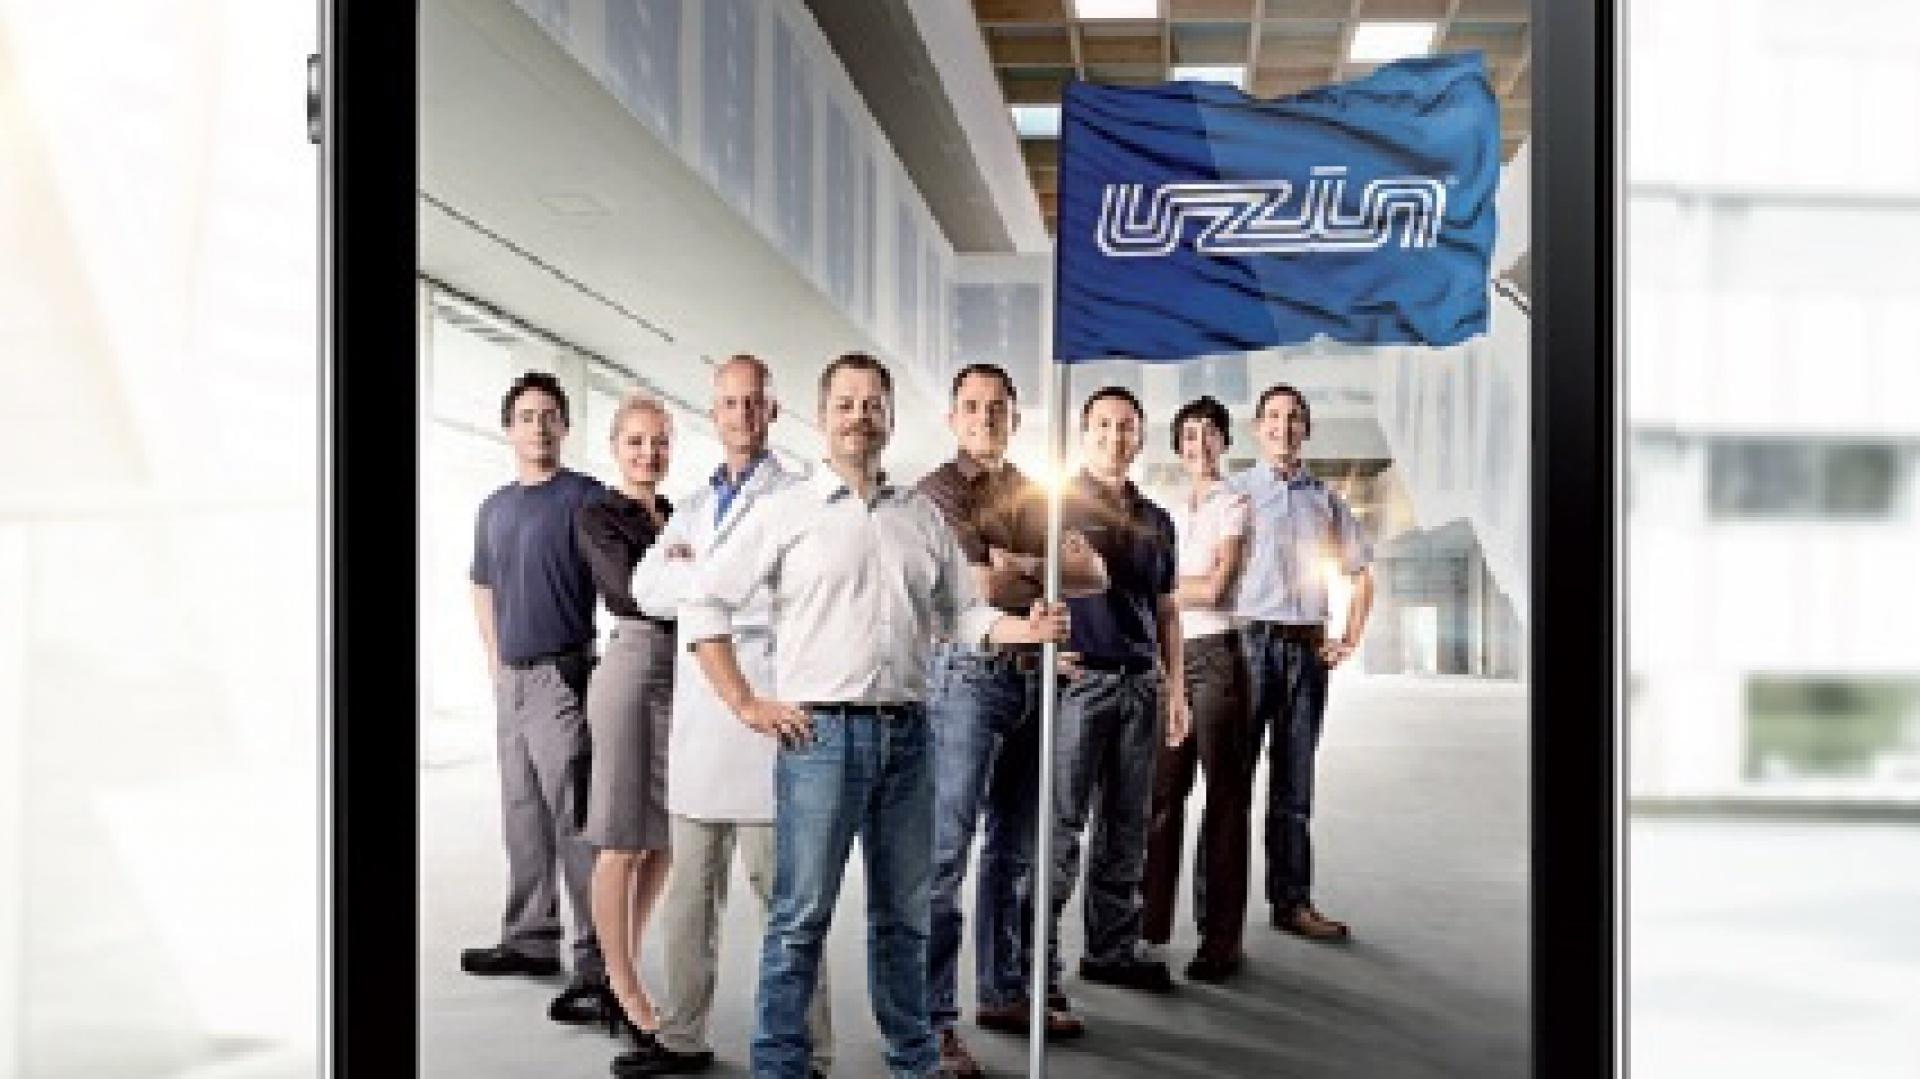 Aplikacja Uzin App zawiera bardzo przydatne na budowie funkcje, takie jak kalkulator zużycia, dzięki któremu można oszacować ilość produktu niezbędną dla danego projektu oraz kontakt do doradców technicznych i dystrybutorów. Fot. Archiwum